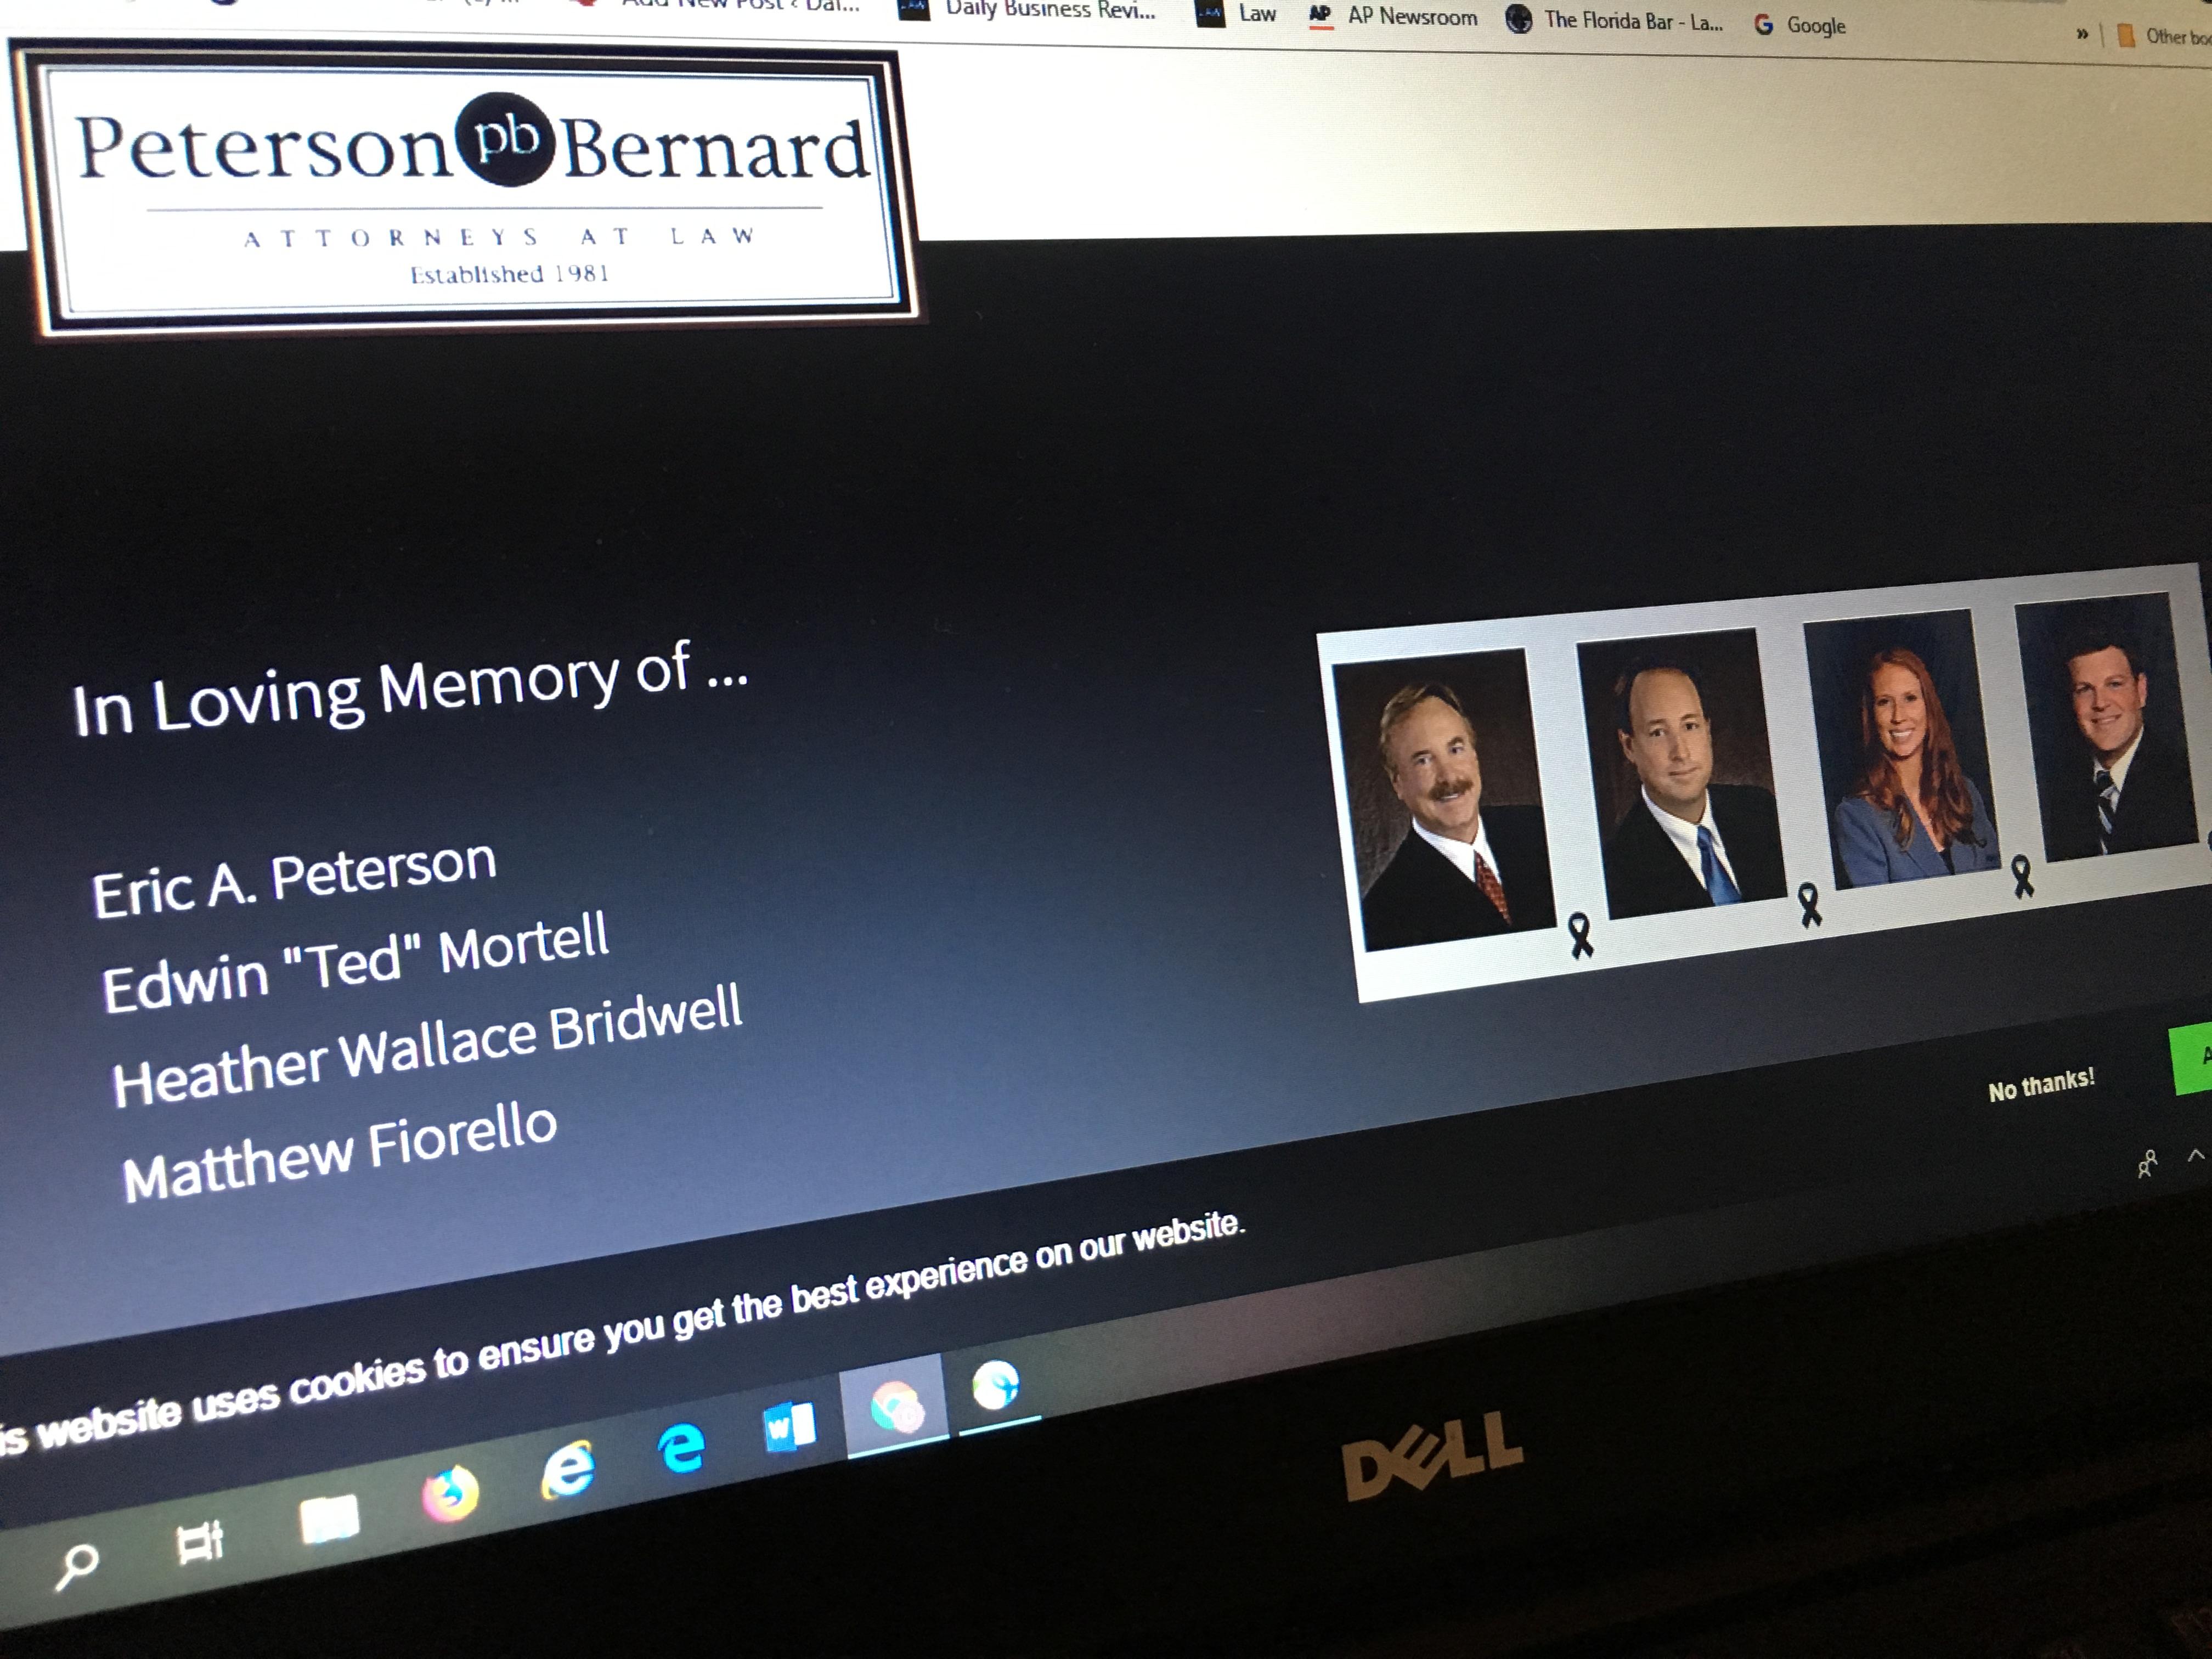 Peterson Bernard homepage